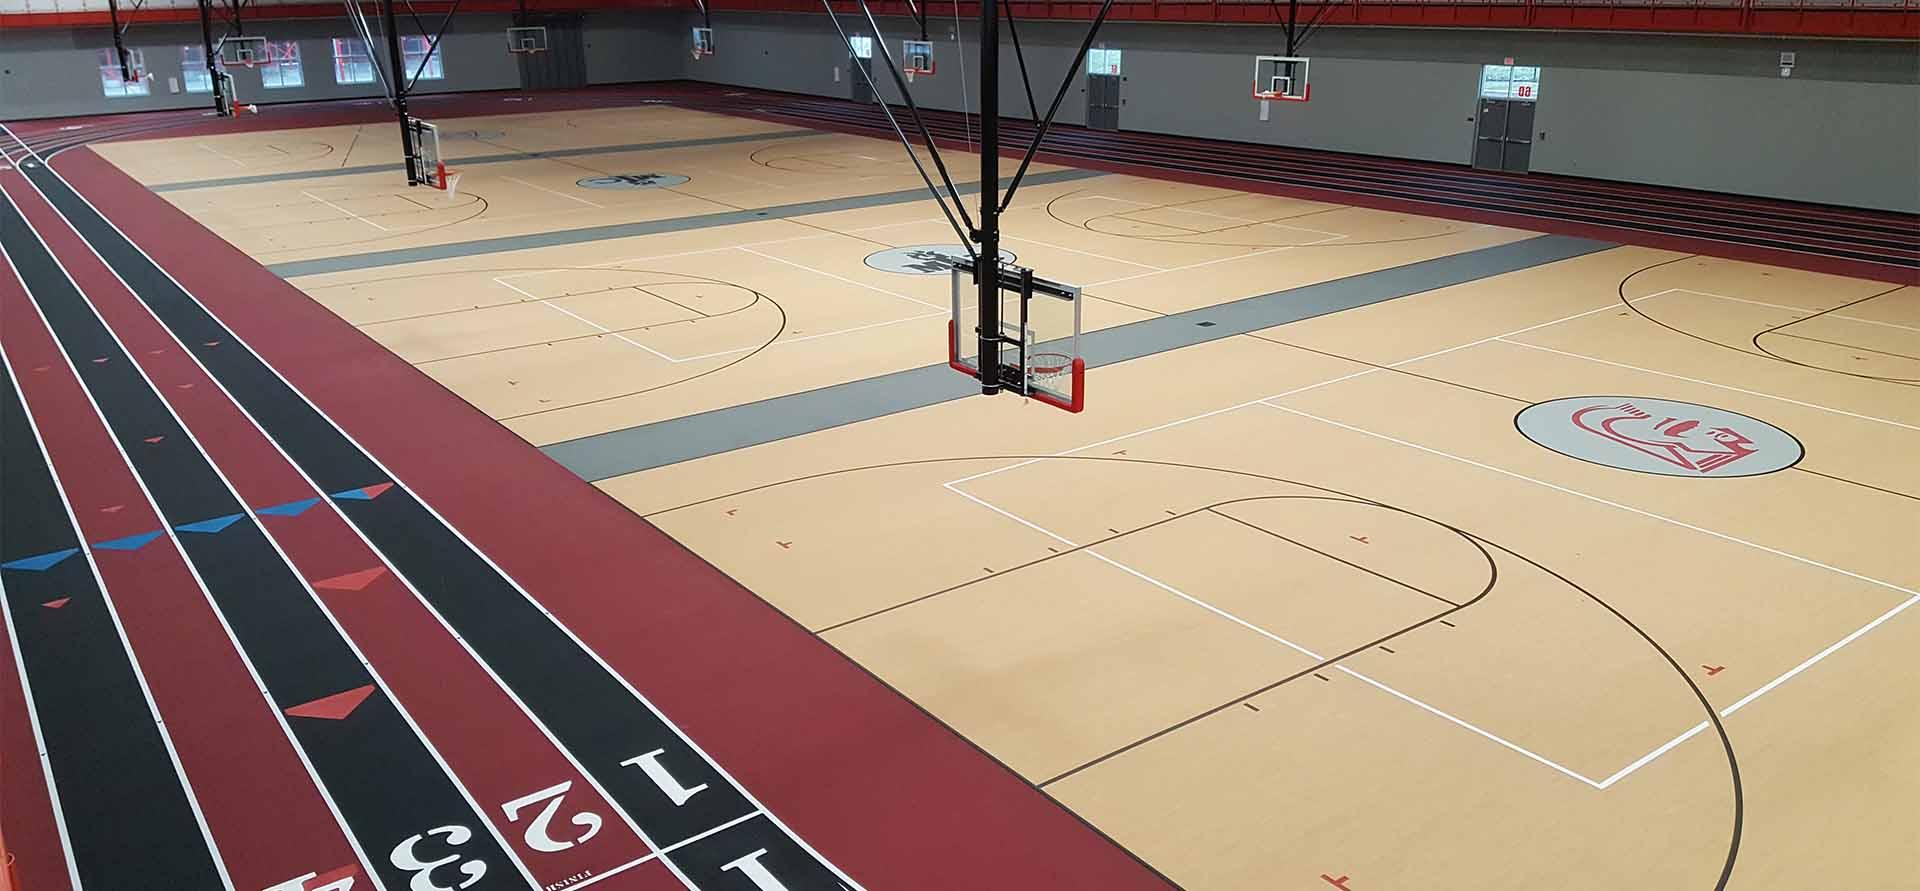 basketbol sahasi yapımı